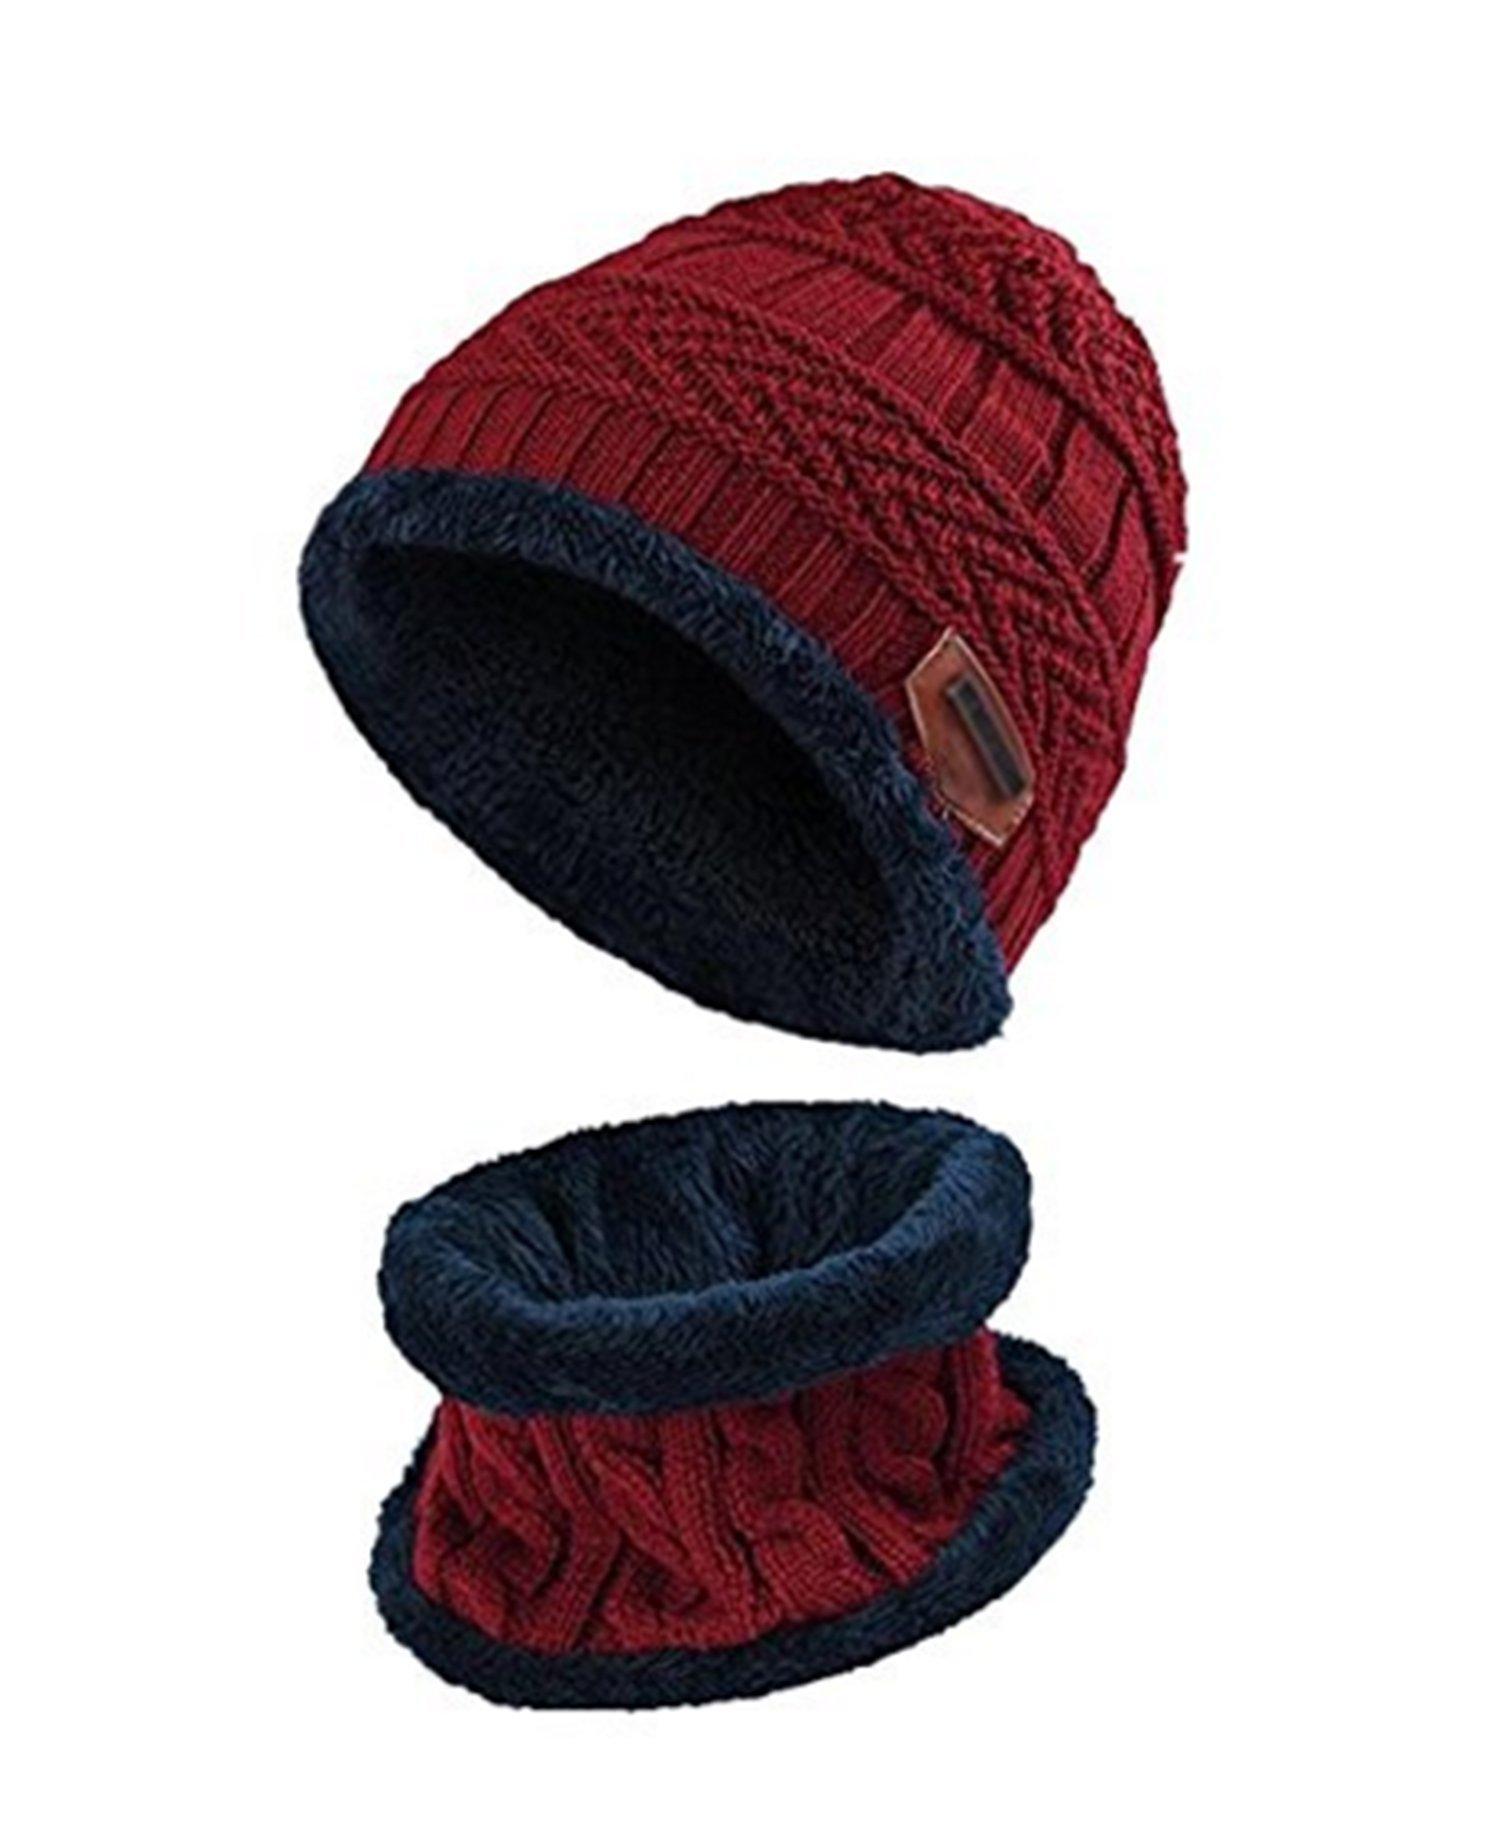 ZZLAY Enfants Hiver épais Bonnet écharpe Ensemble Slouchy Chaud Neige Knit  Skull Cap product image c6e9b7c1df9